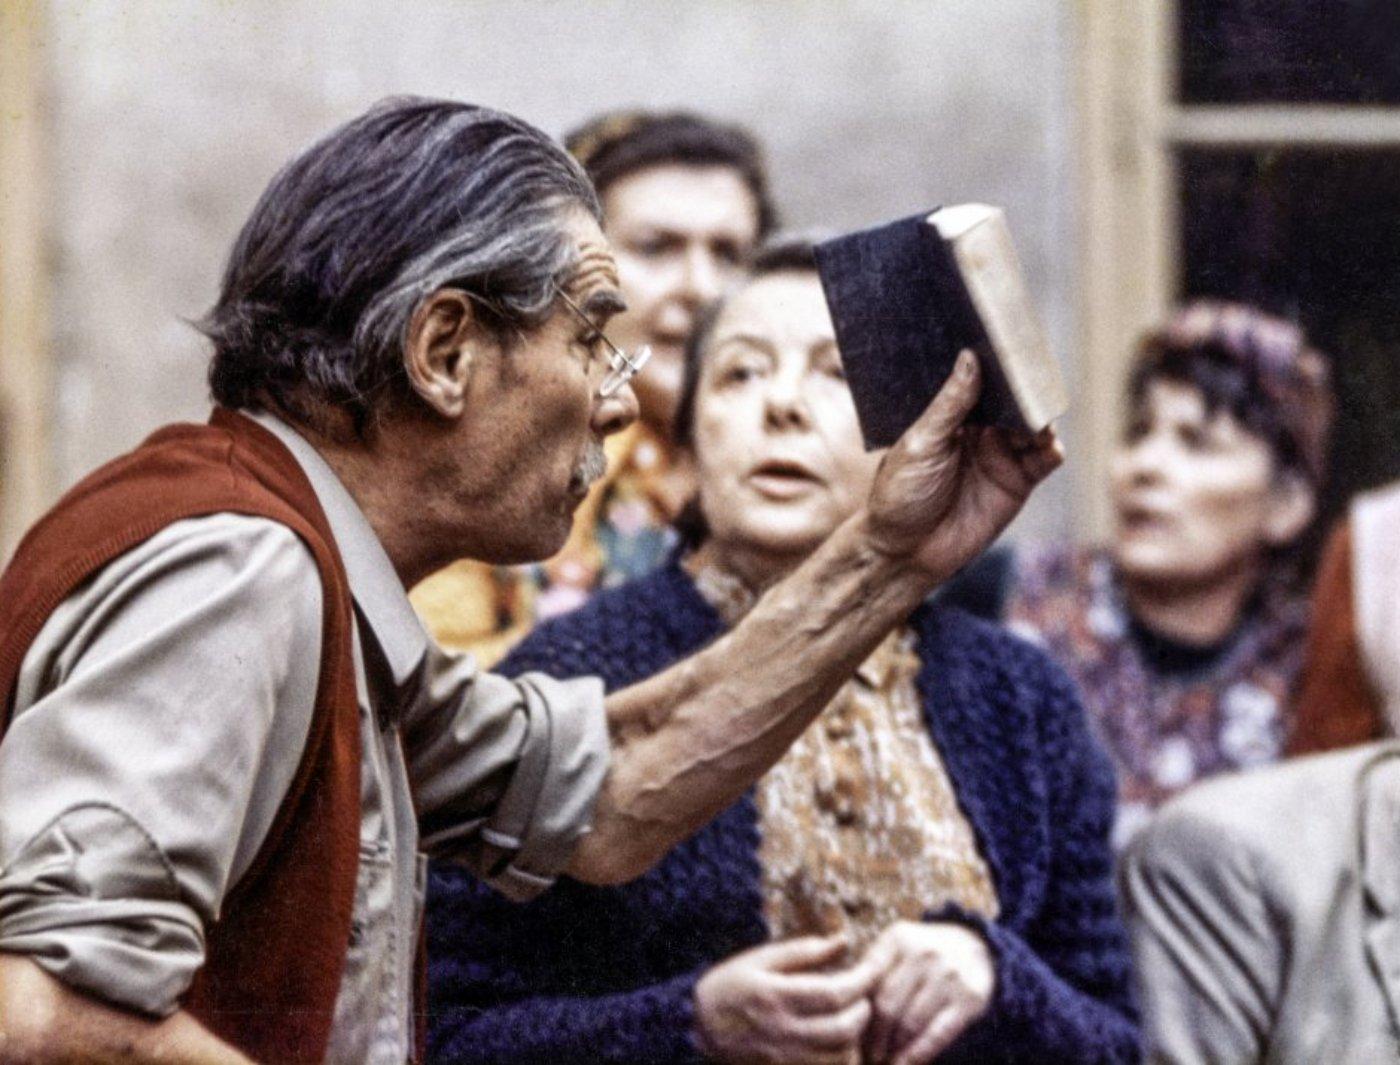 jesus-von-ottakring-1975-pellert-recensione